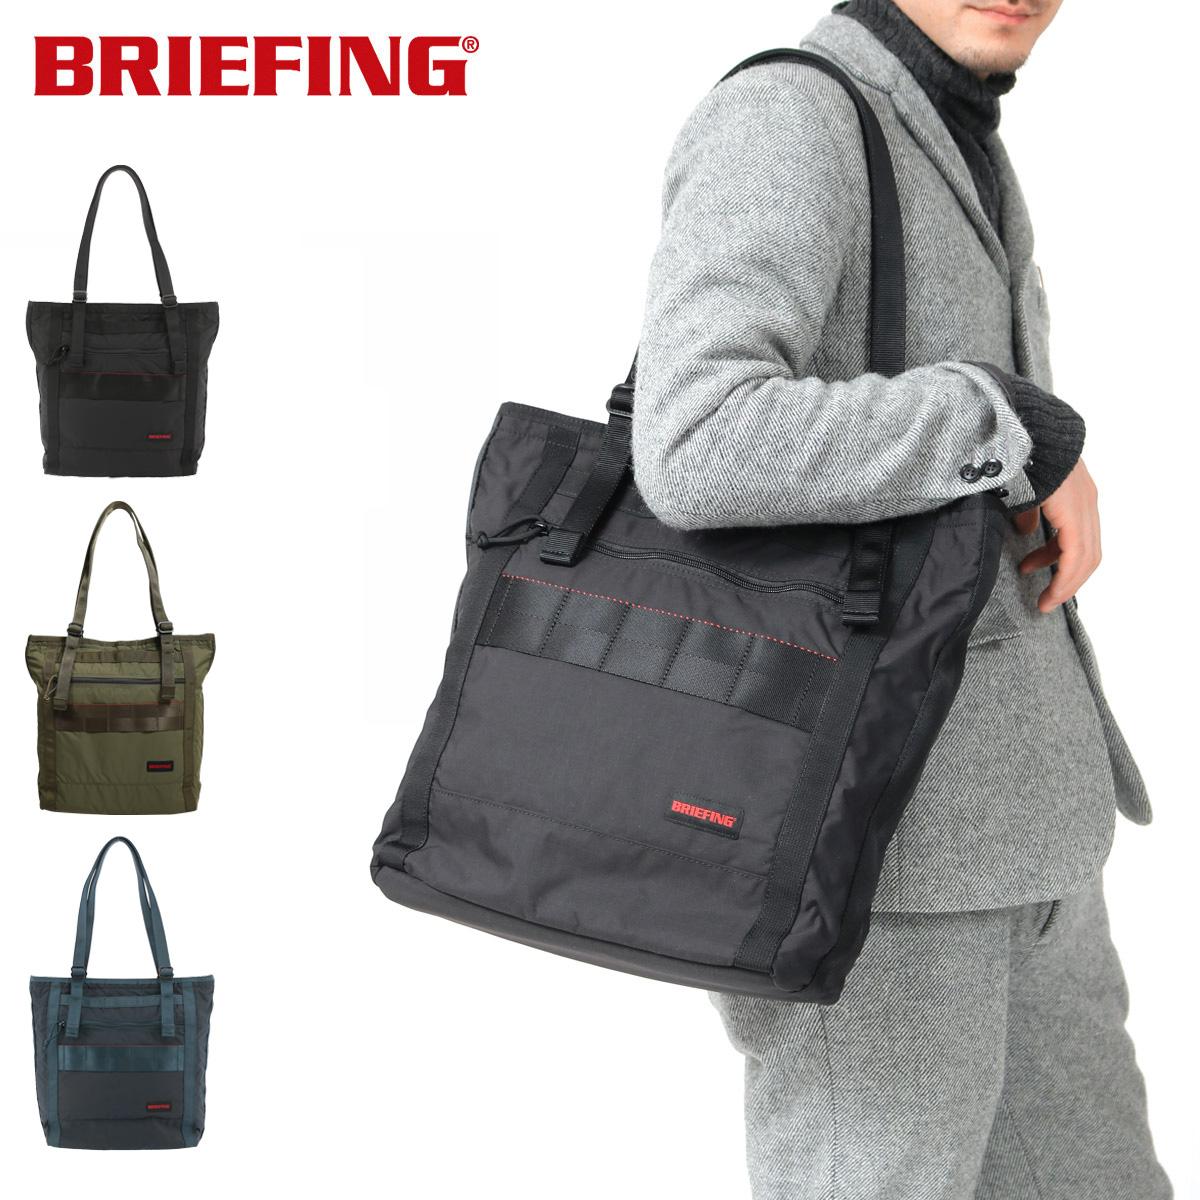 ブリーフィング トートバッグ 肩掛け メンズ ショットバケット MW BRM183301 BRIEFING ビジネストート リップストップナイロン[PO10][bef][即日発送]